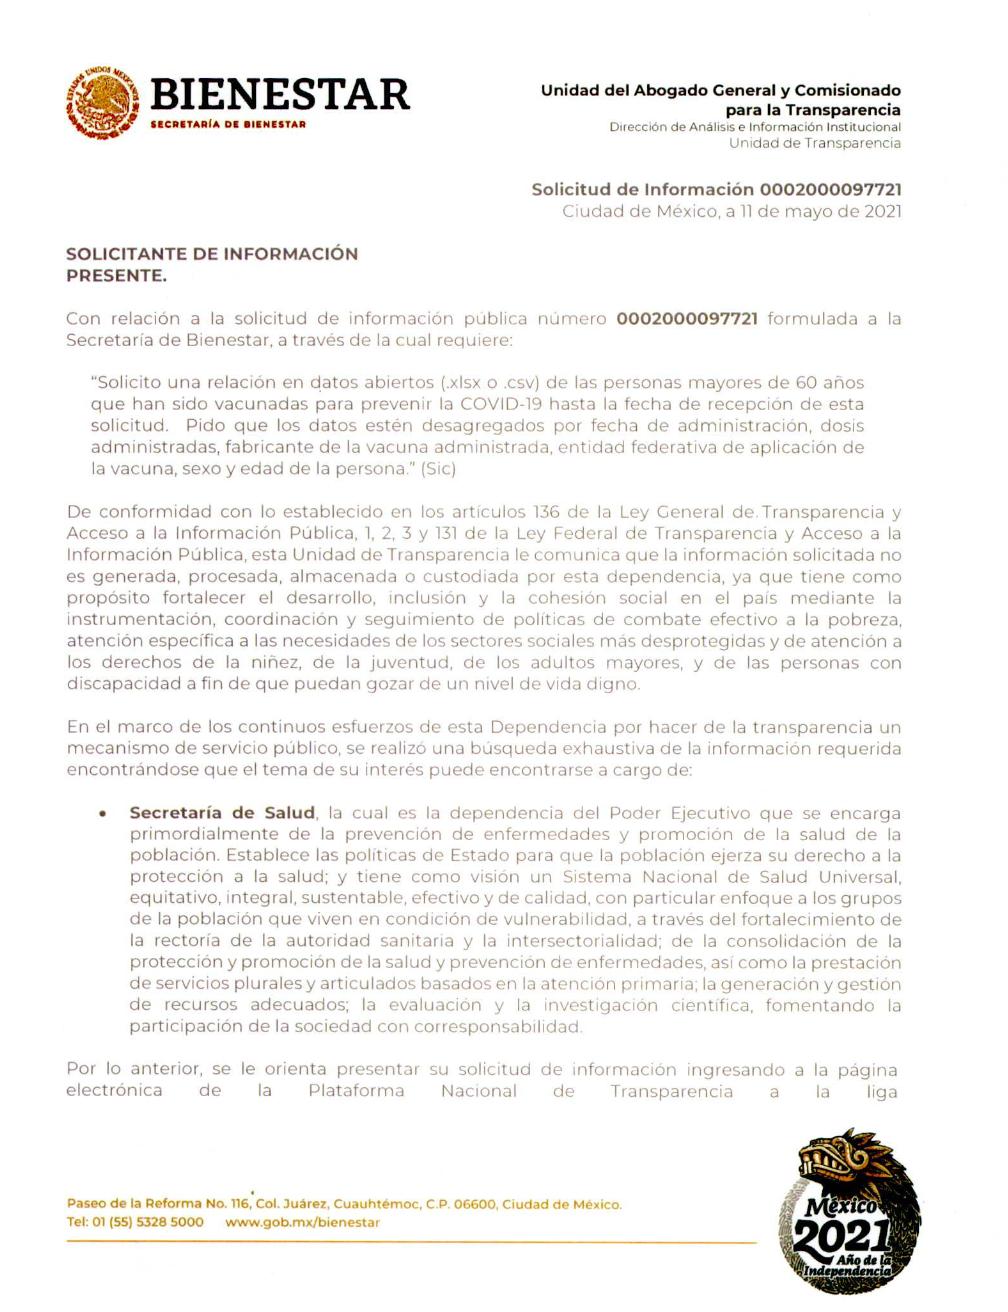 datos de la campaña de vacunación COVID en México